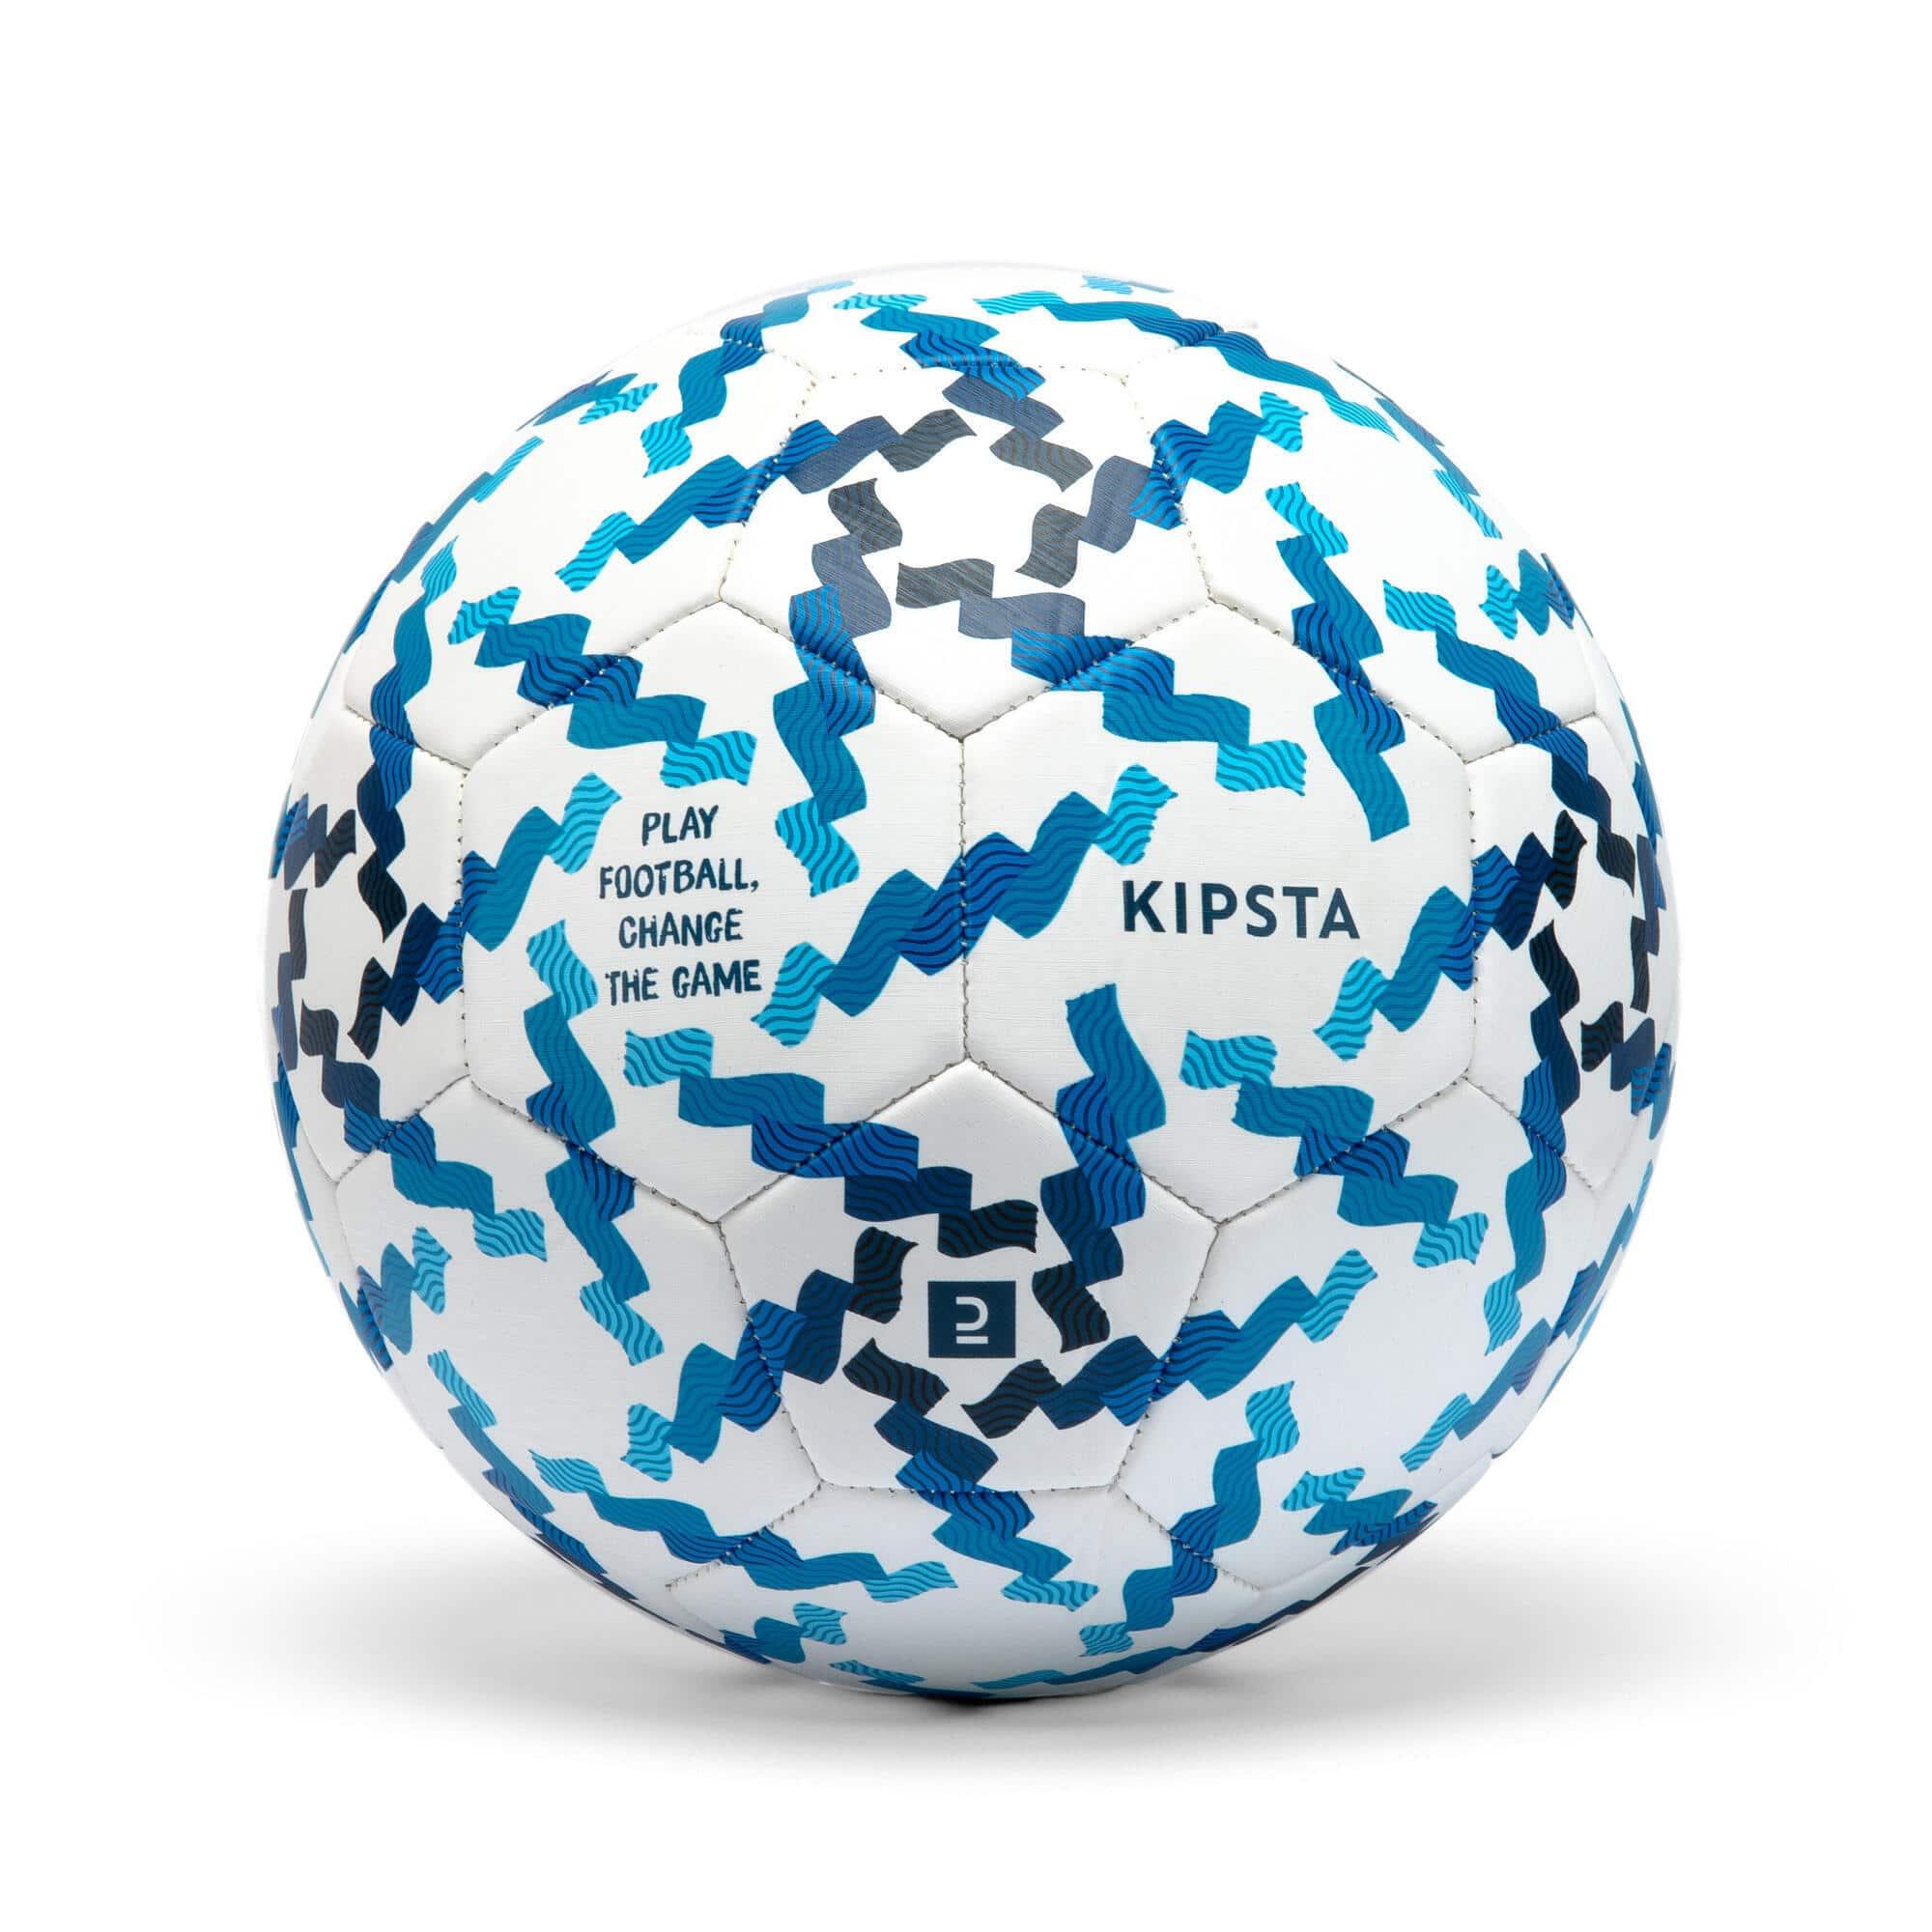 ballon de foot kipsta danone nation cup